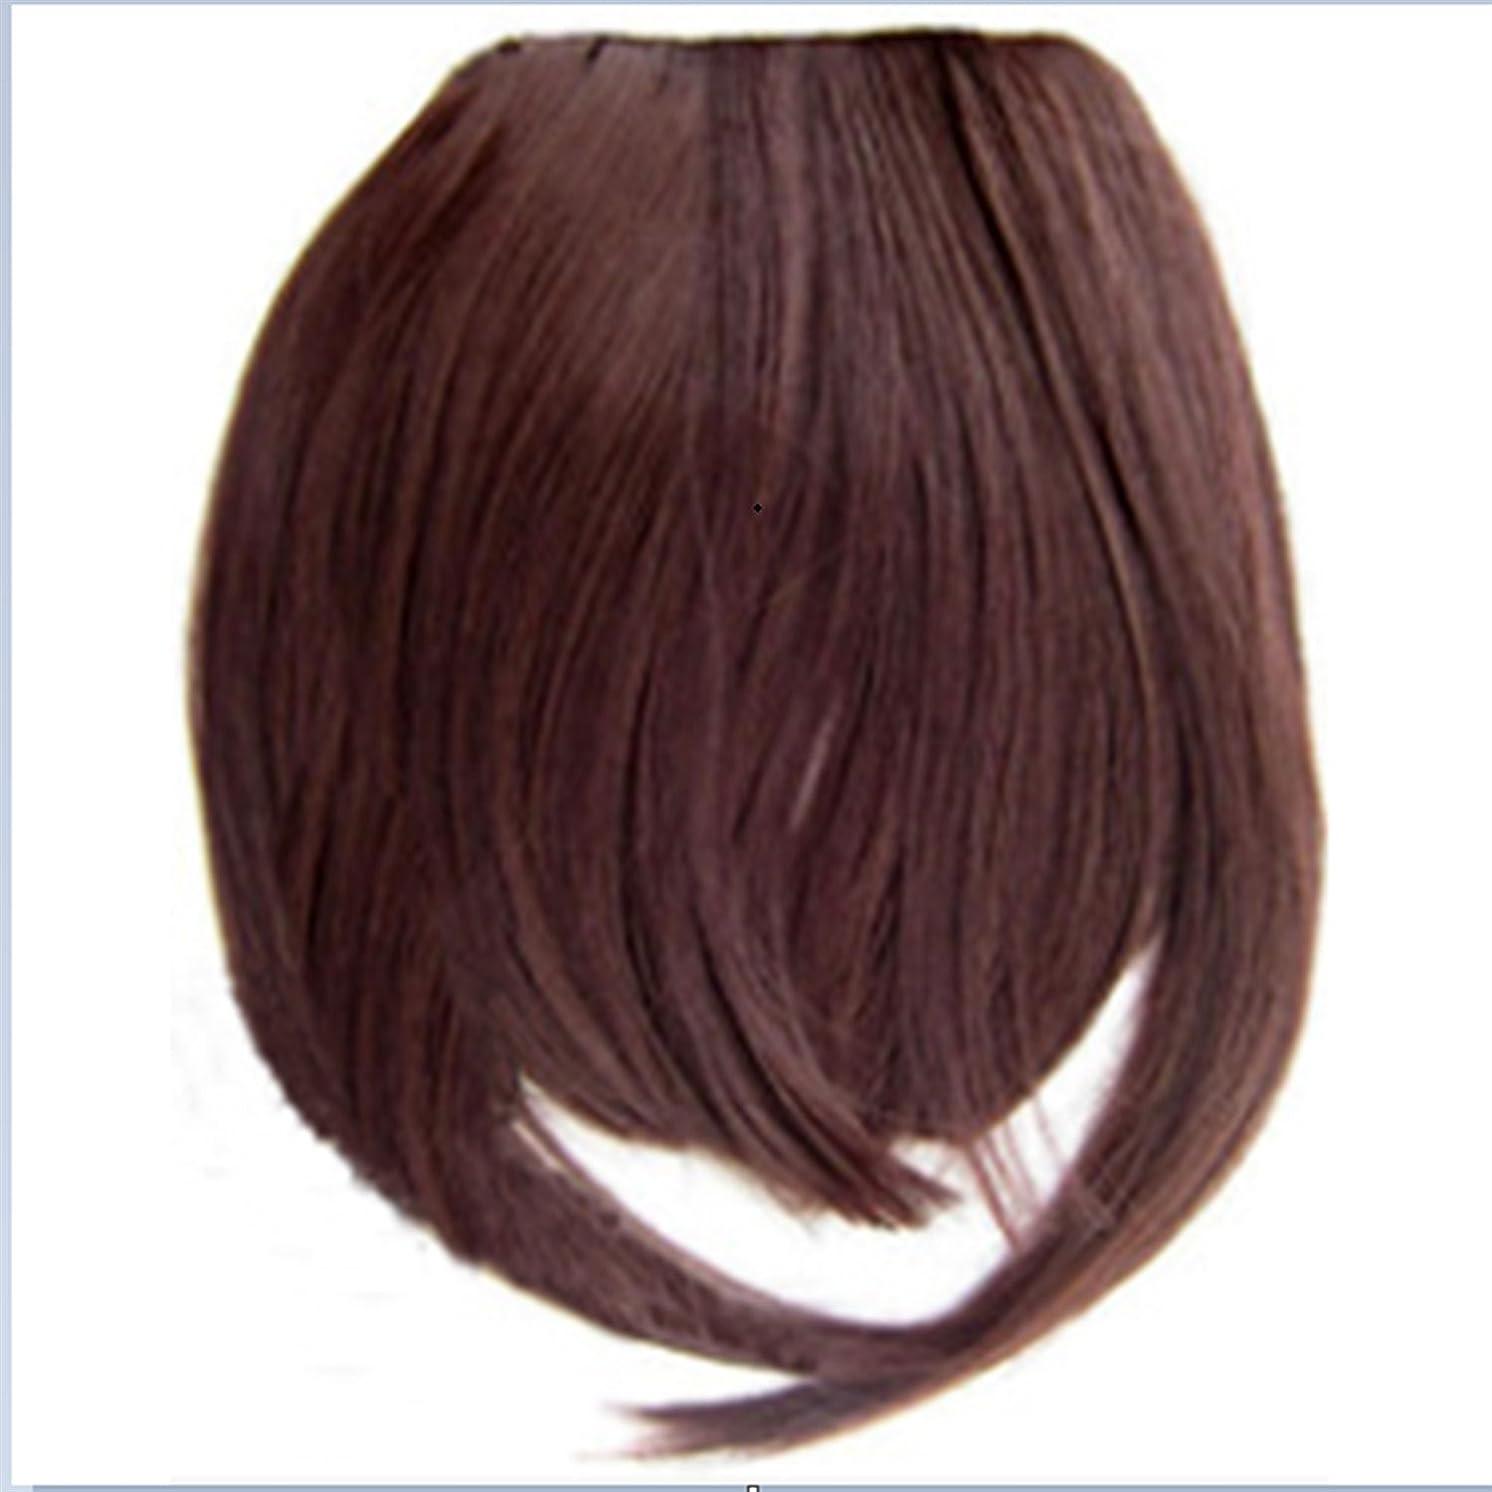 司令官受け皿系統的Doyvanntgo 2つの長いとフラットバンウィッグワンピースとストレートウィッグとLiuHaiの髪の延長 (Color : ブラウン)